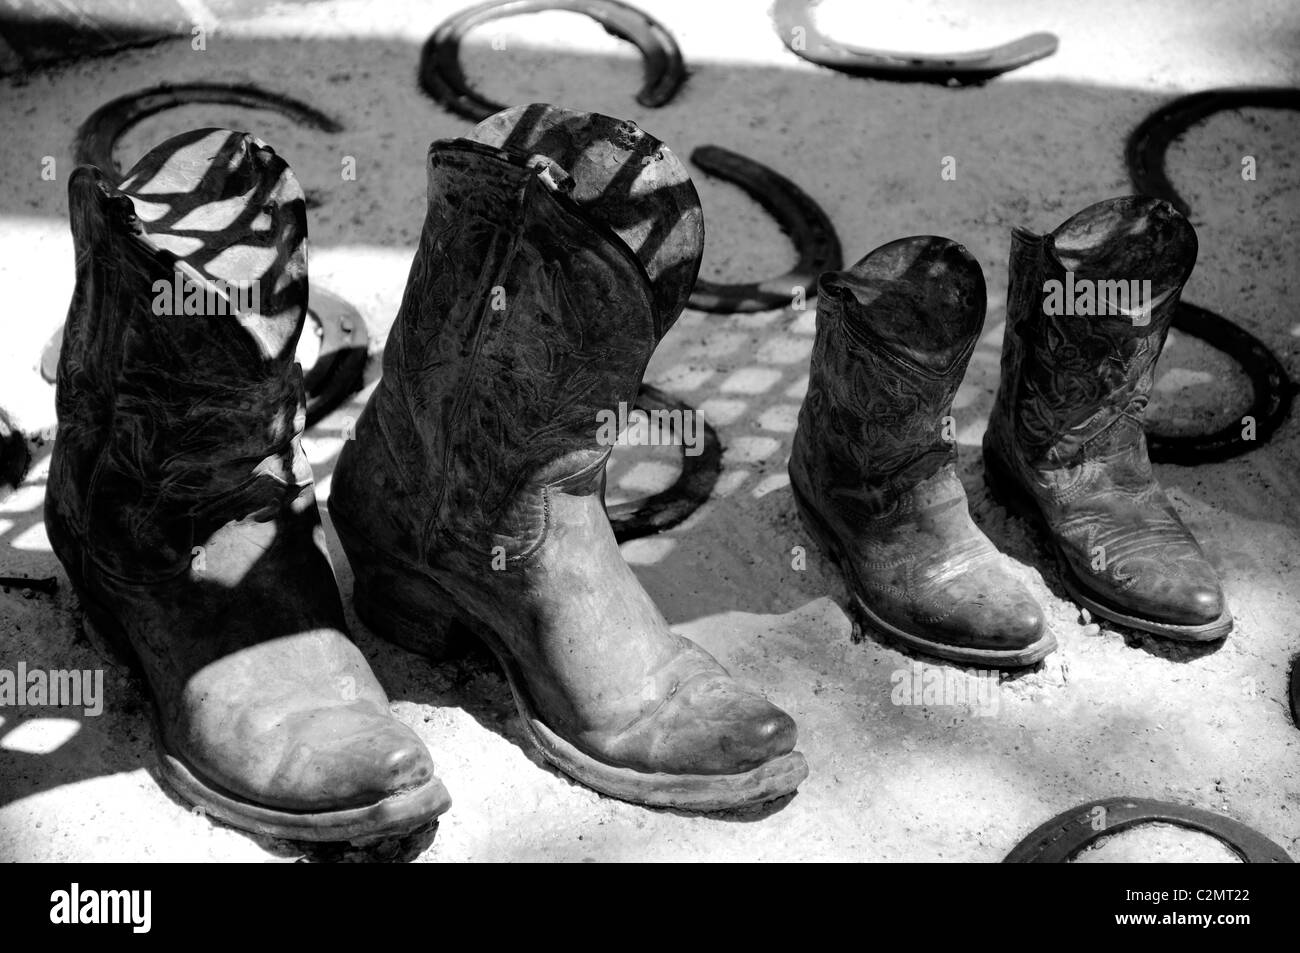 Cowboy boots and horseshoe art - Stock Image